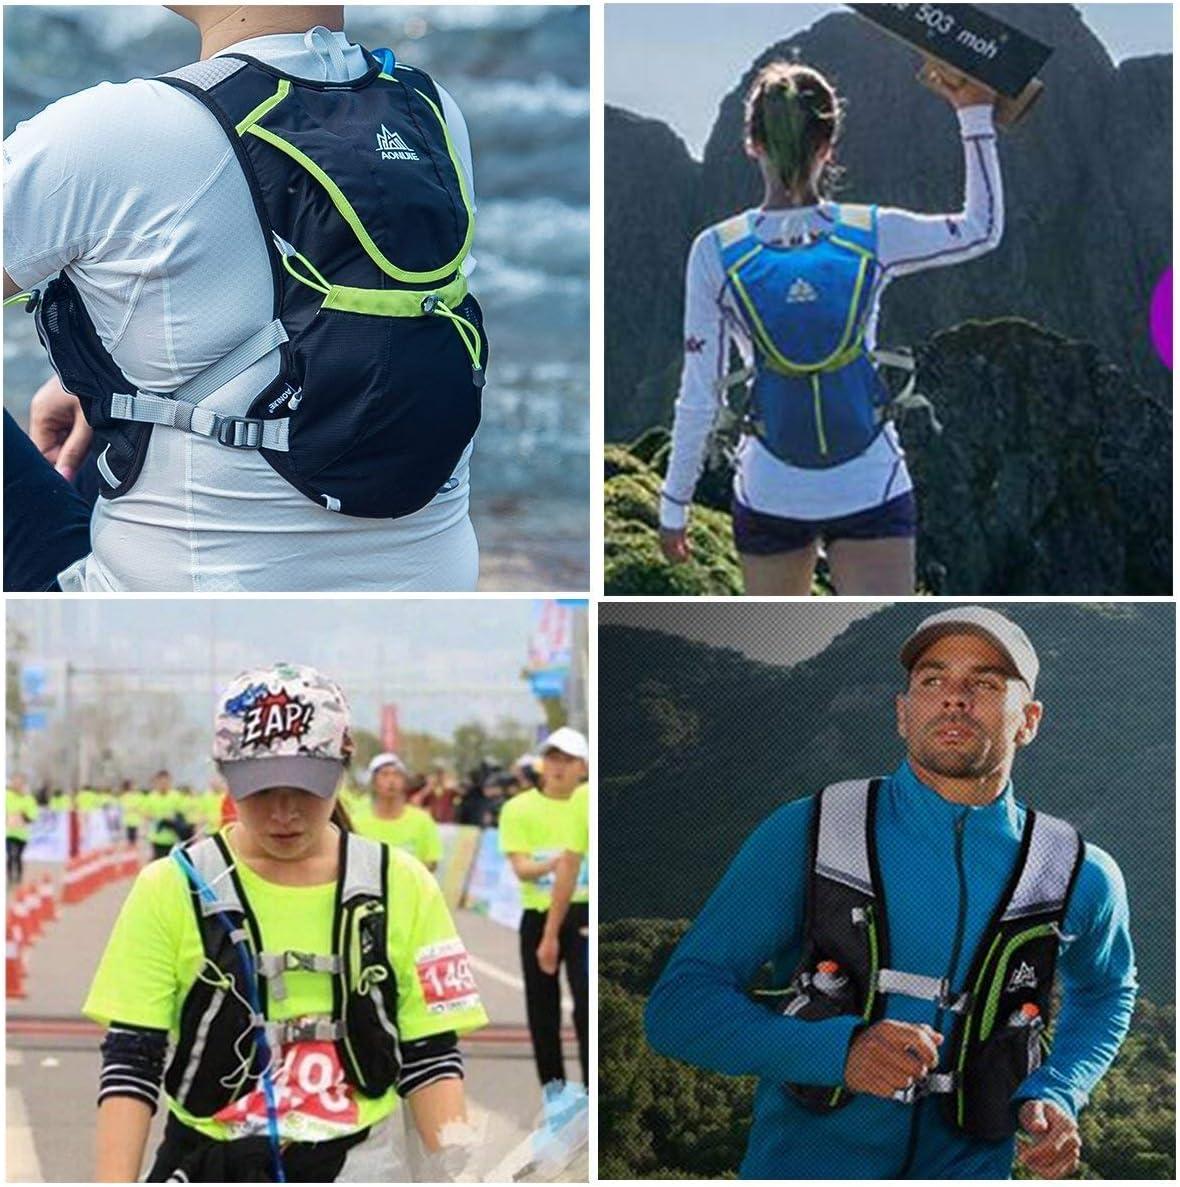 TRIWONDER Sac Trail Sac dHydratation 8L Sac /à Dos Running Gilet dHydratation pour Homme Femme Course Marathon Randonn/ée